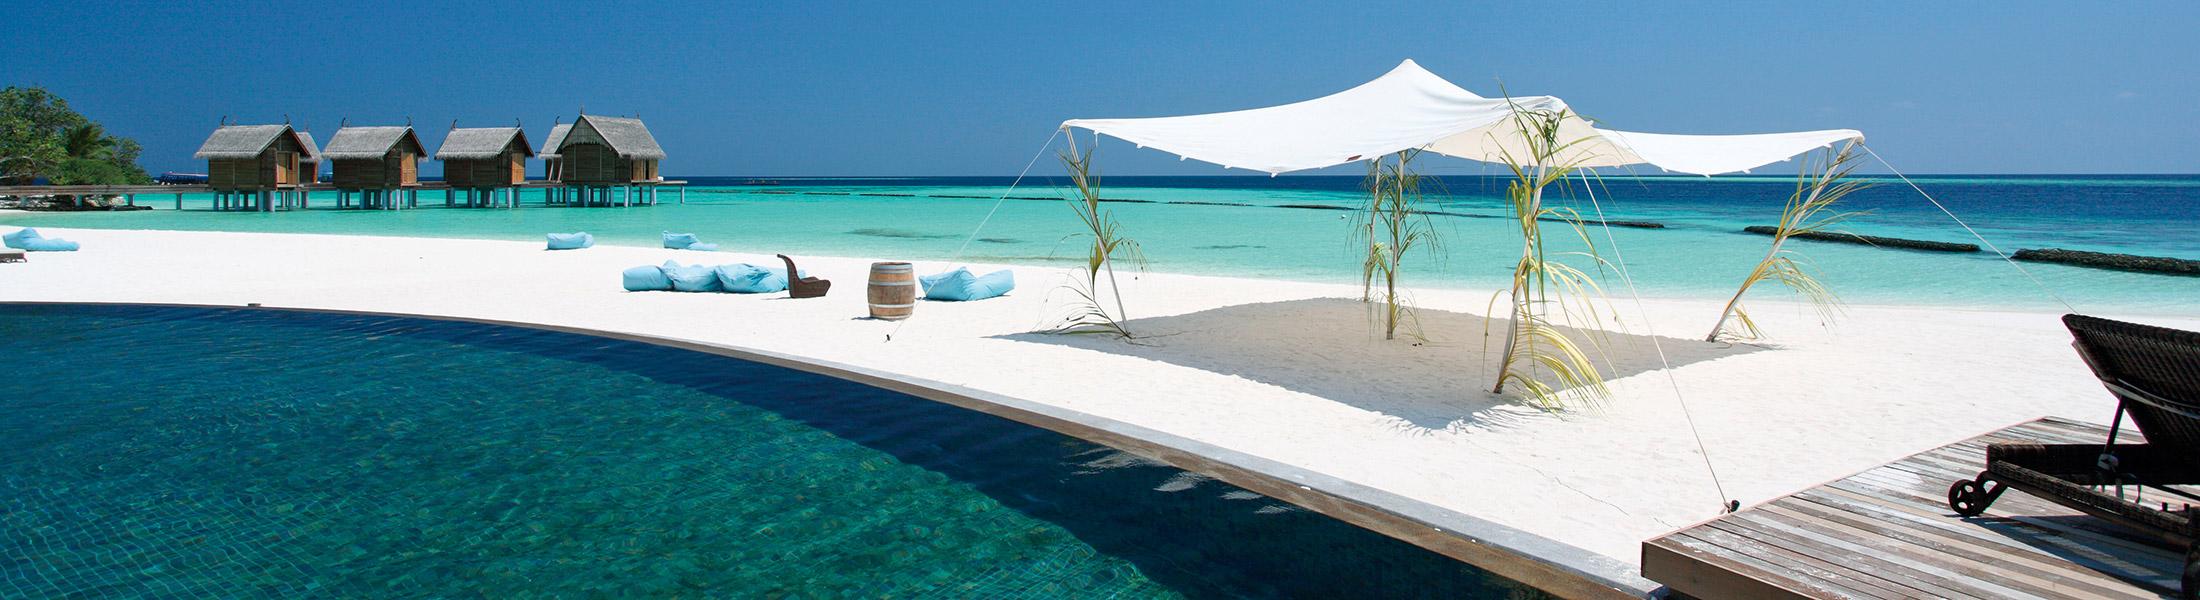 beach and sea view at the Constance moofushi maldives